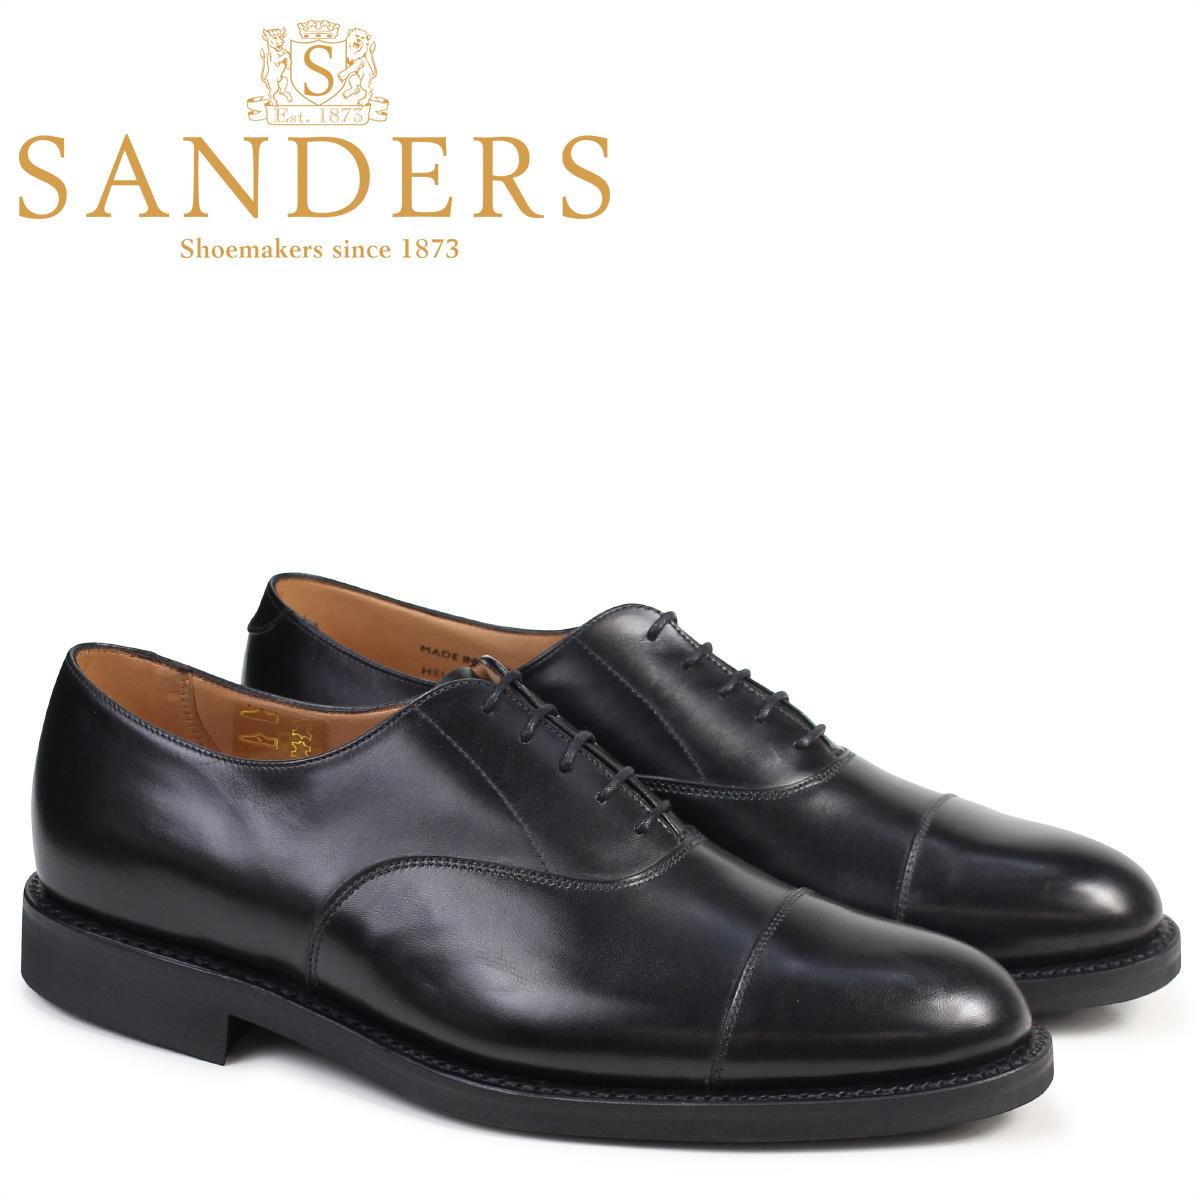 8b8b84270bd Sanders shoes SANDERS military Oxford shoes business HELSINKI 9175B die  knight sole men black ...